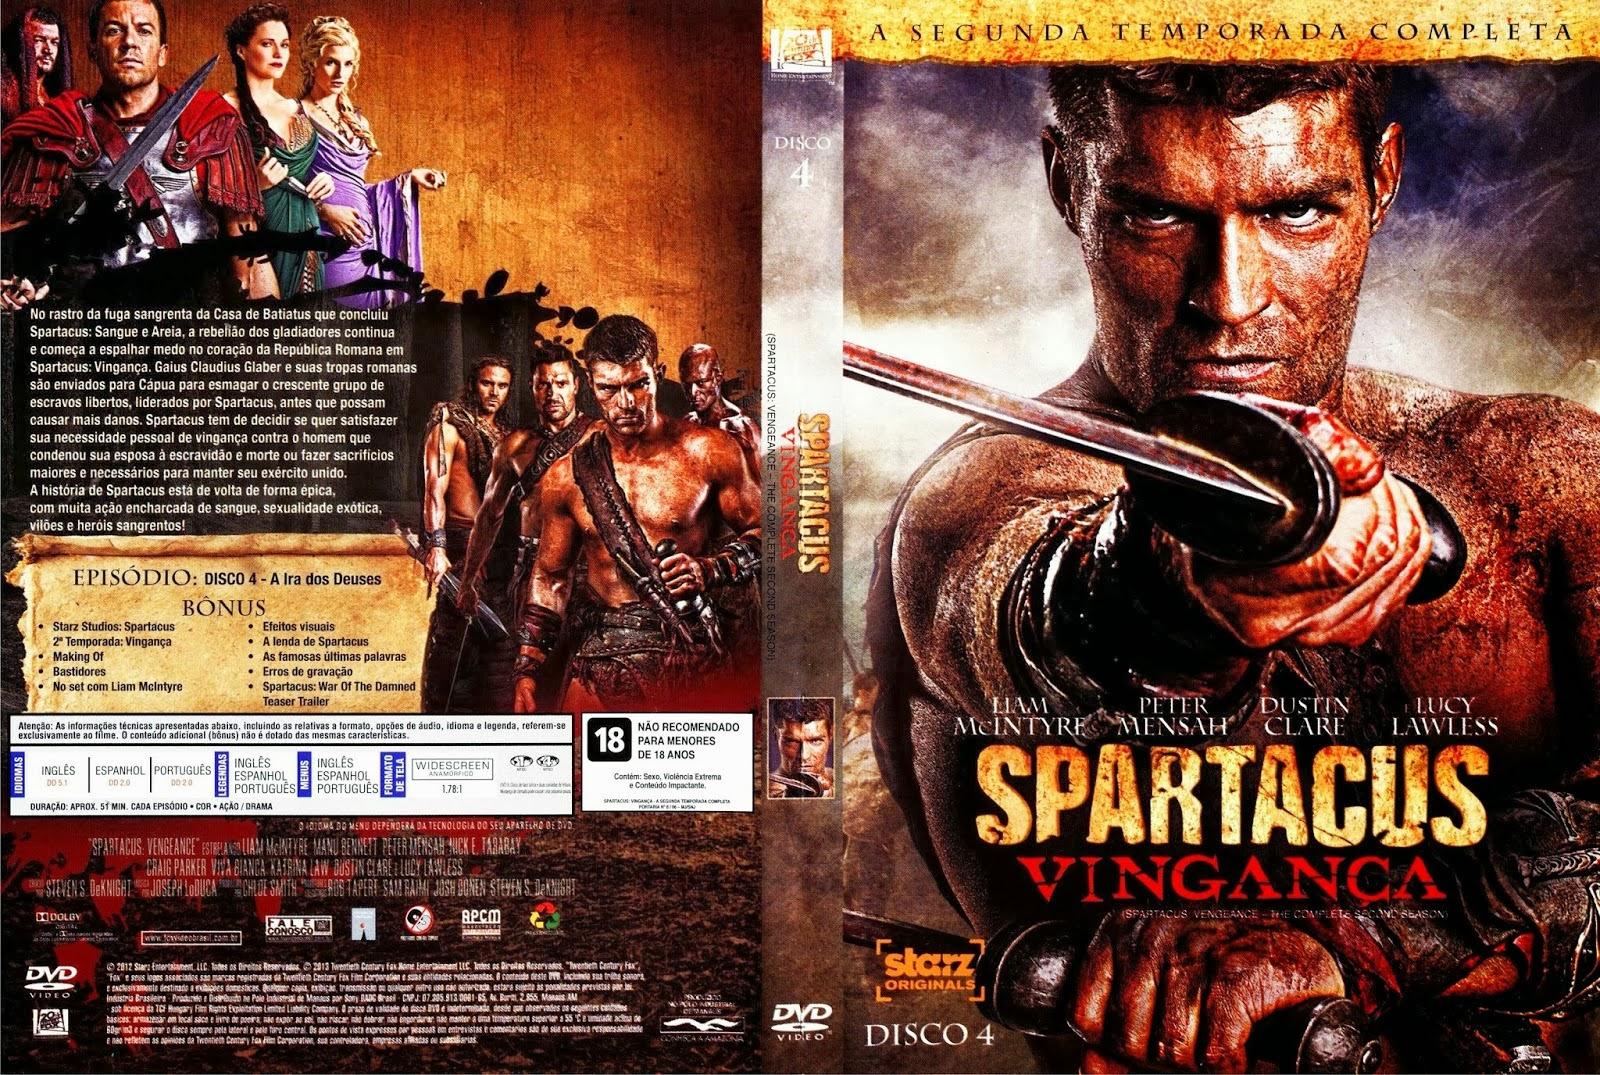 Filme Spartacus pertaining to covers séries: spartacus - 2° temporada - vingança - disco 4